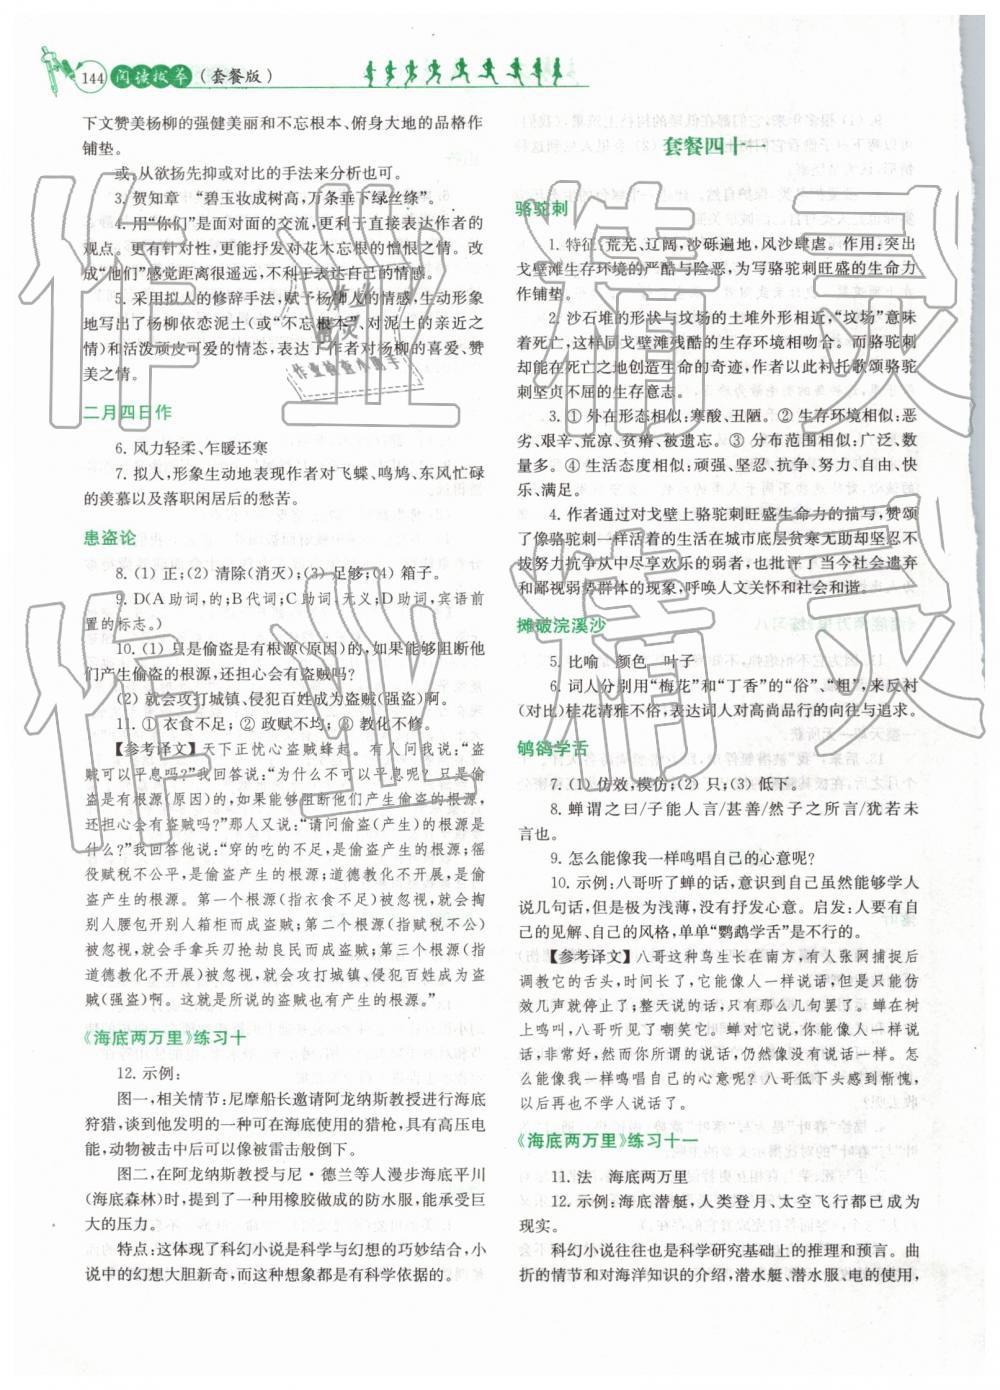 2019年阅读拔萃七年级下册第24页